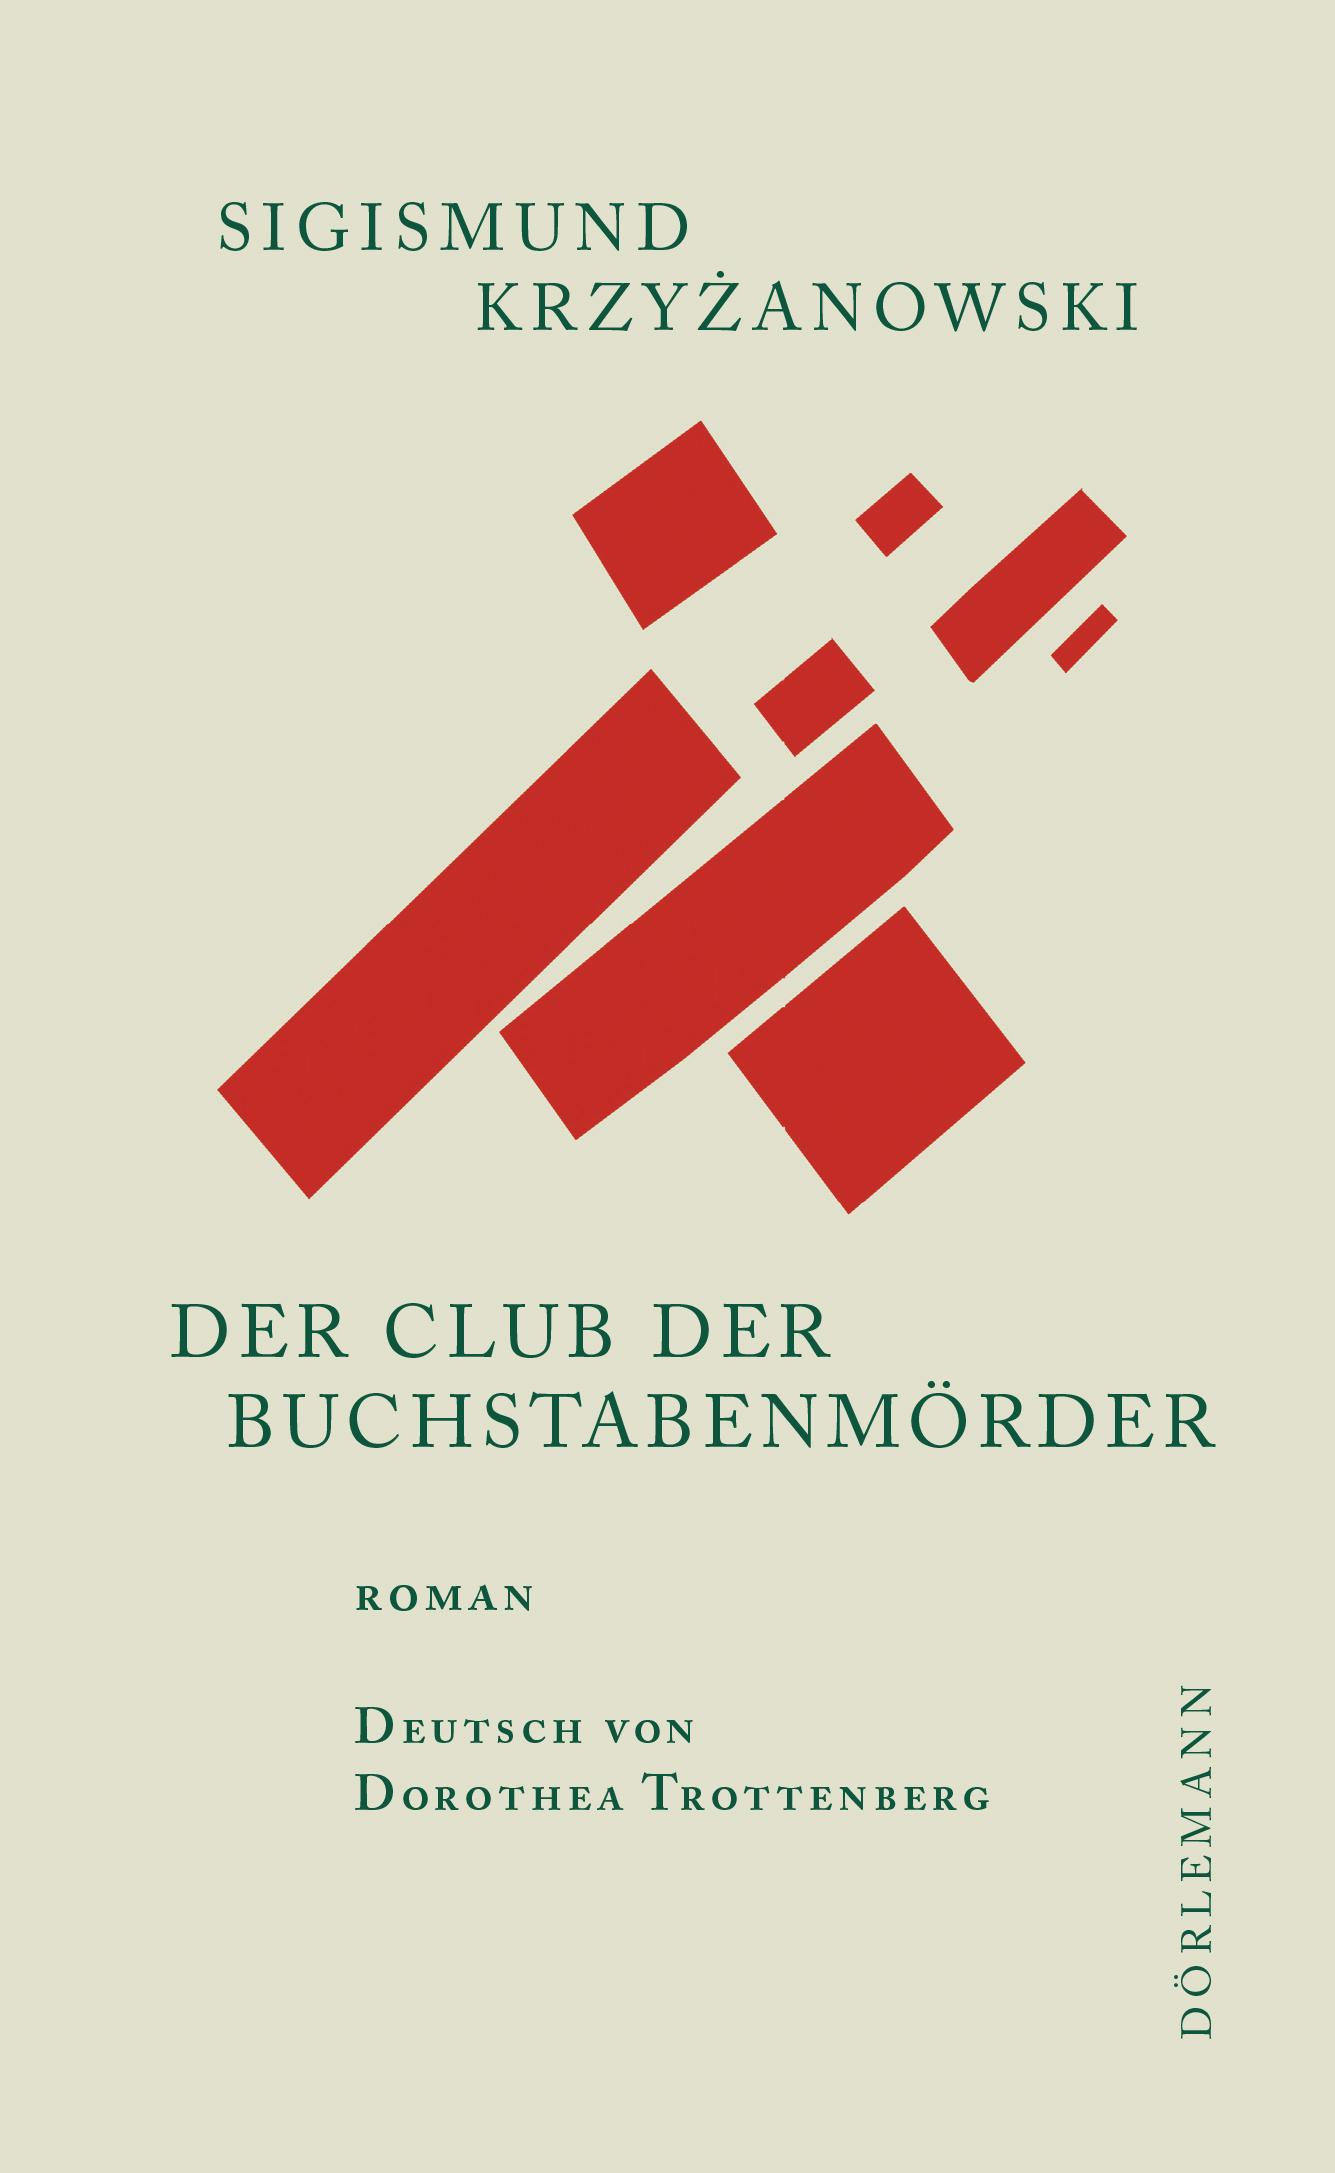 Sigismund Krzyzanowski: Der Club der Buchstabenmörder